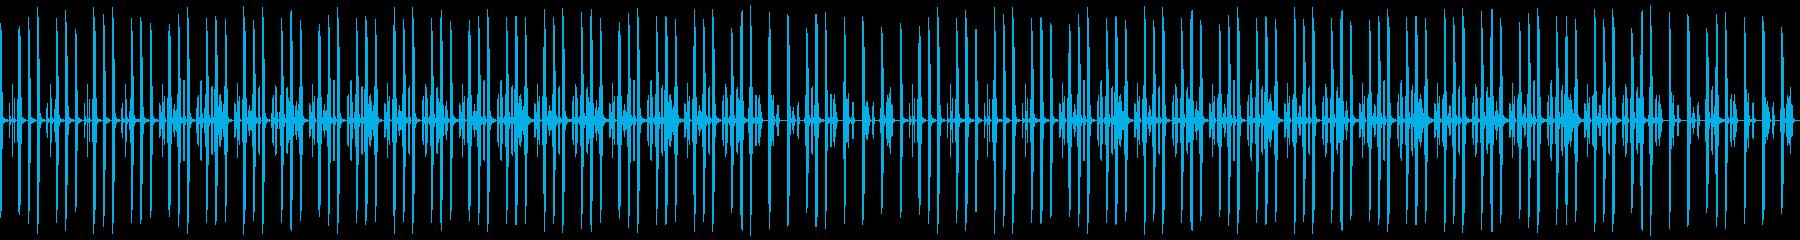 ほのぼの犬猫フルートBGM パターンCの再生済みの波形